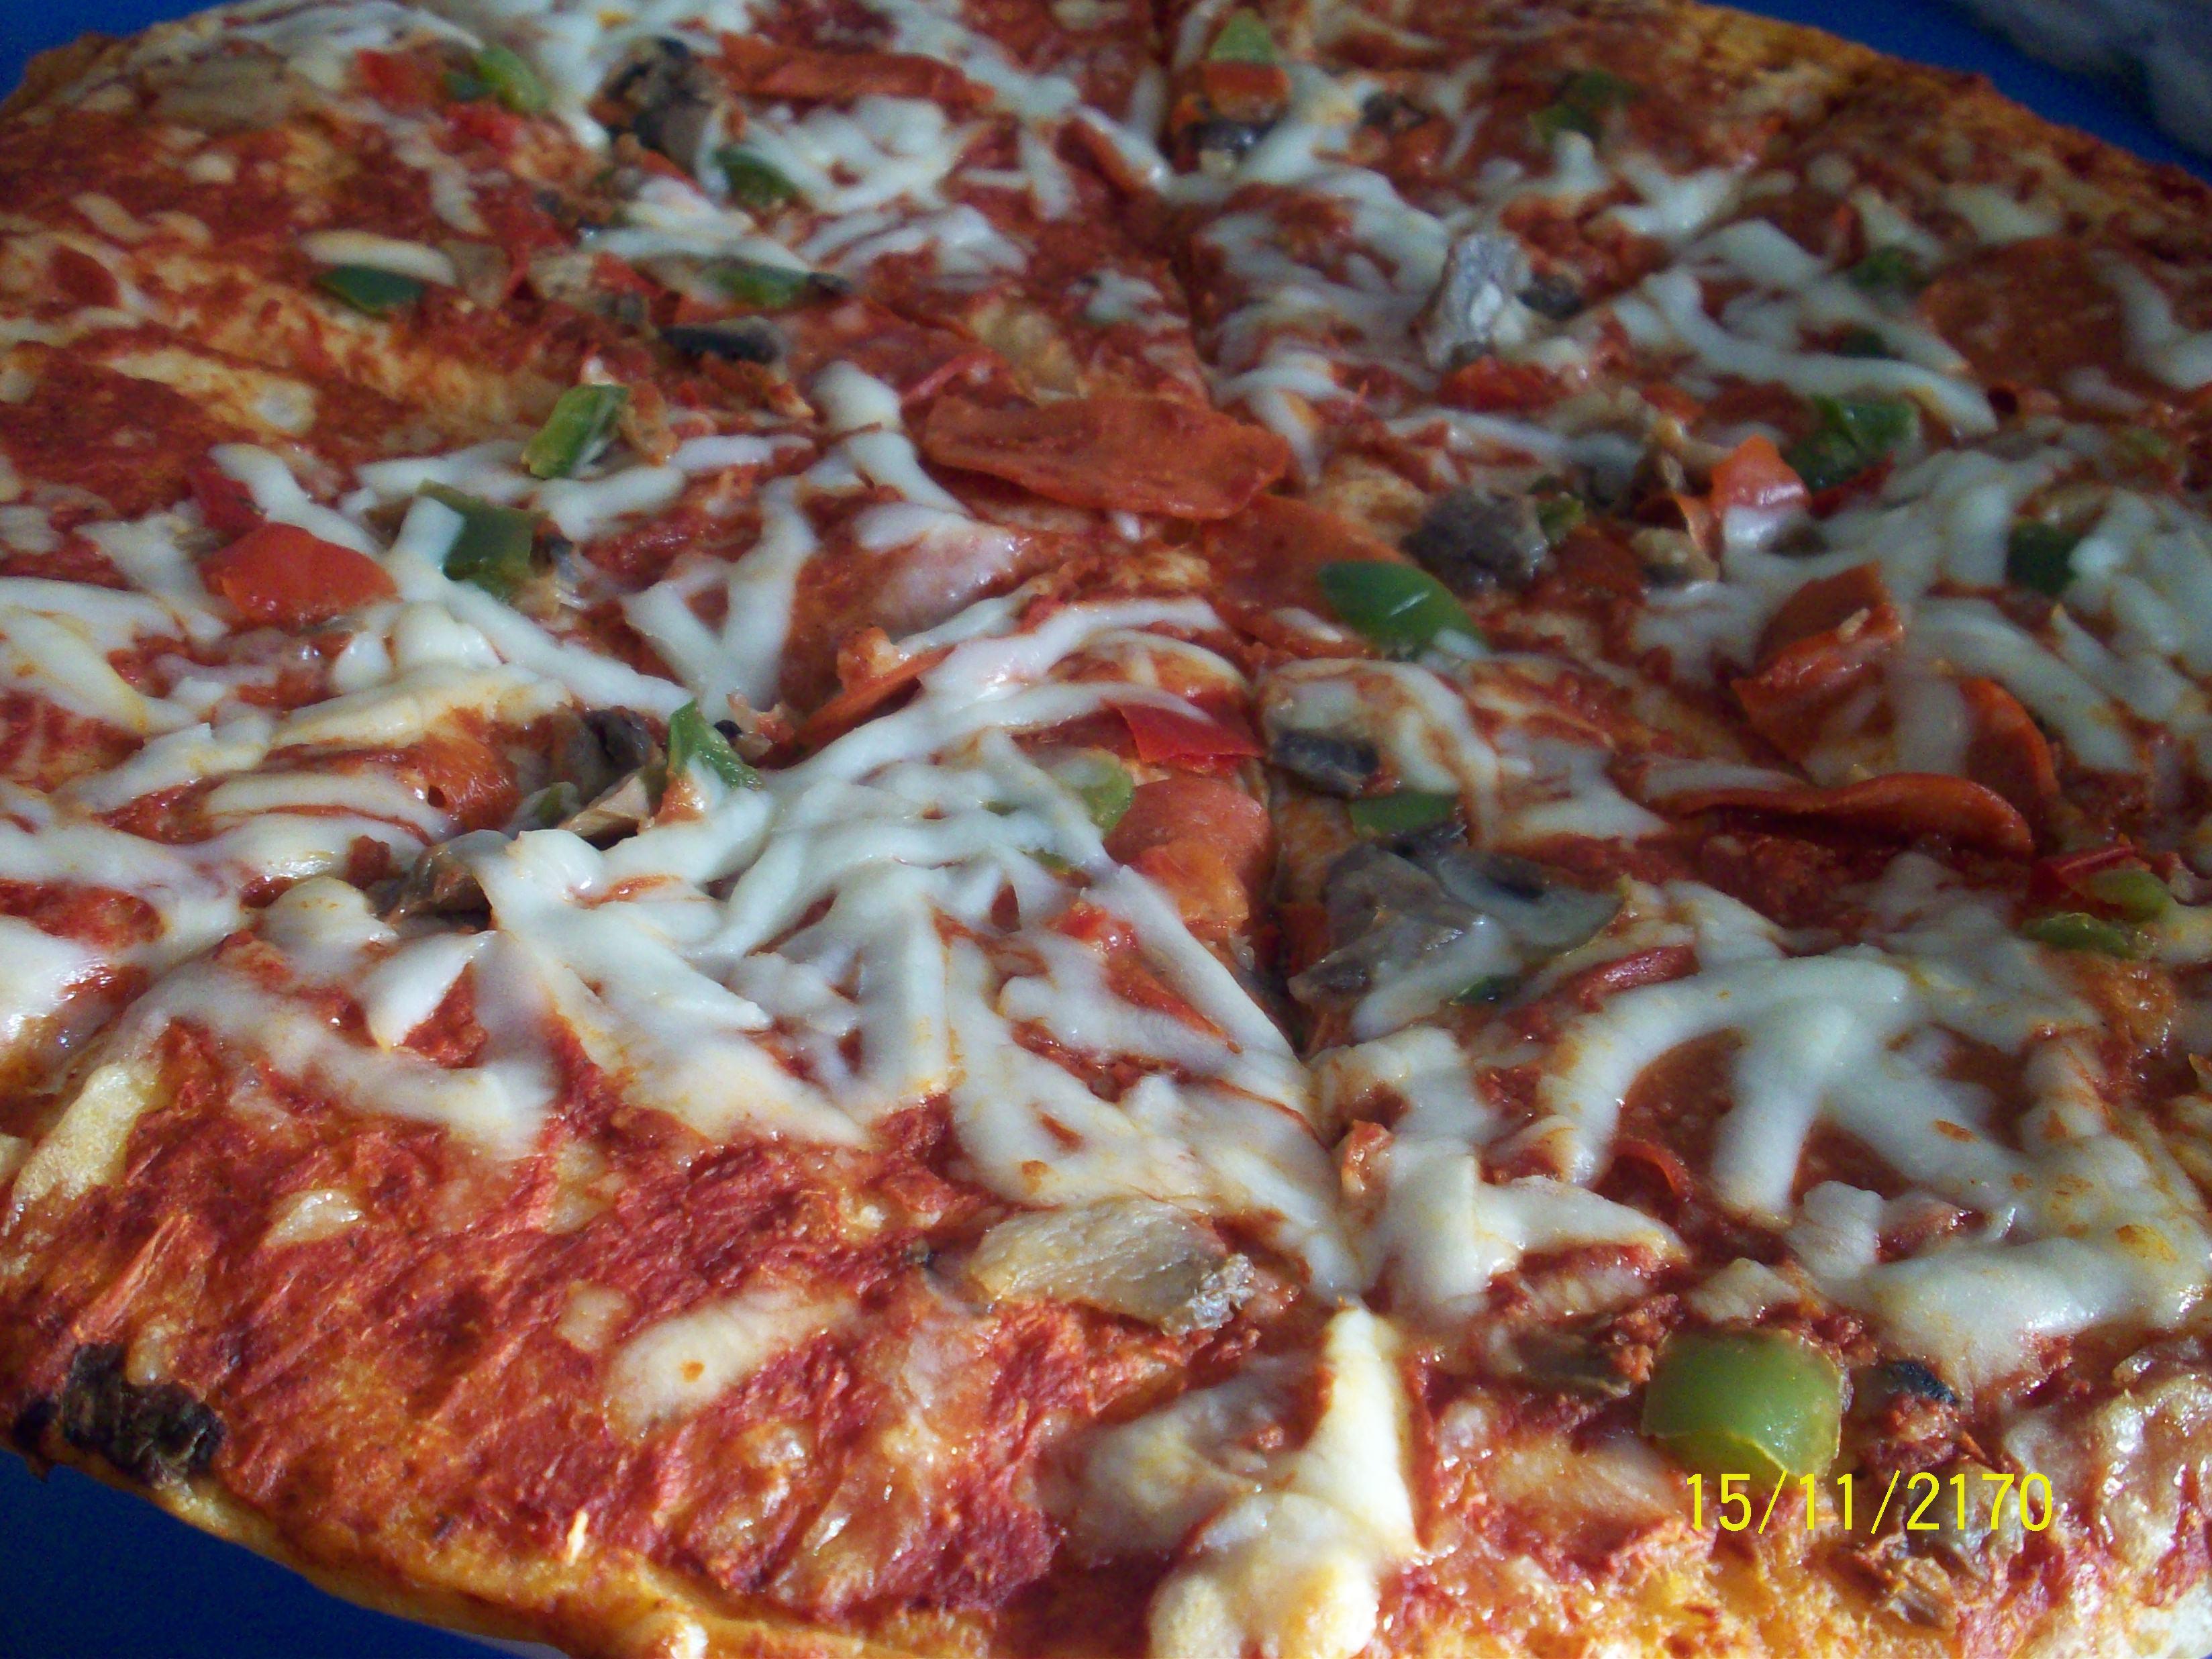 http://foodloader.net/cutie_2010-03-28_Cheap_Pizza.jpg